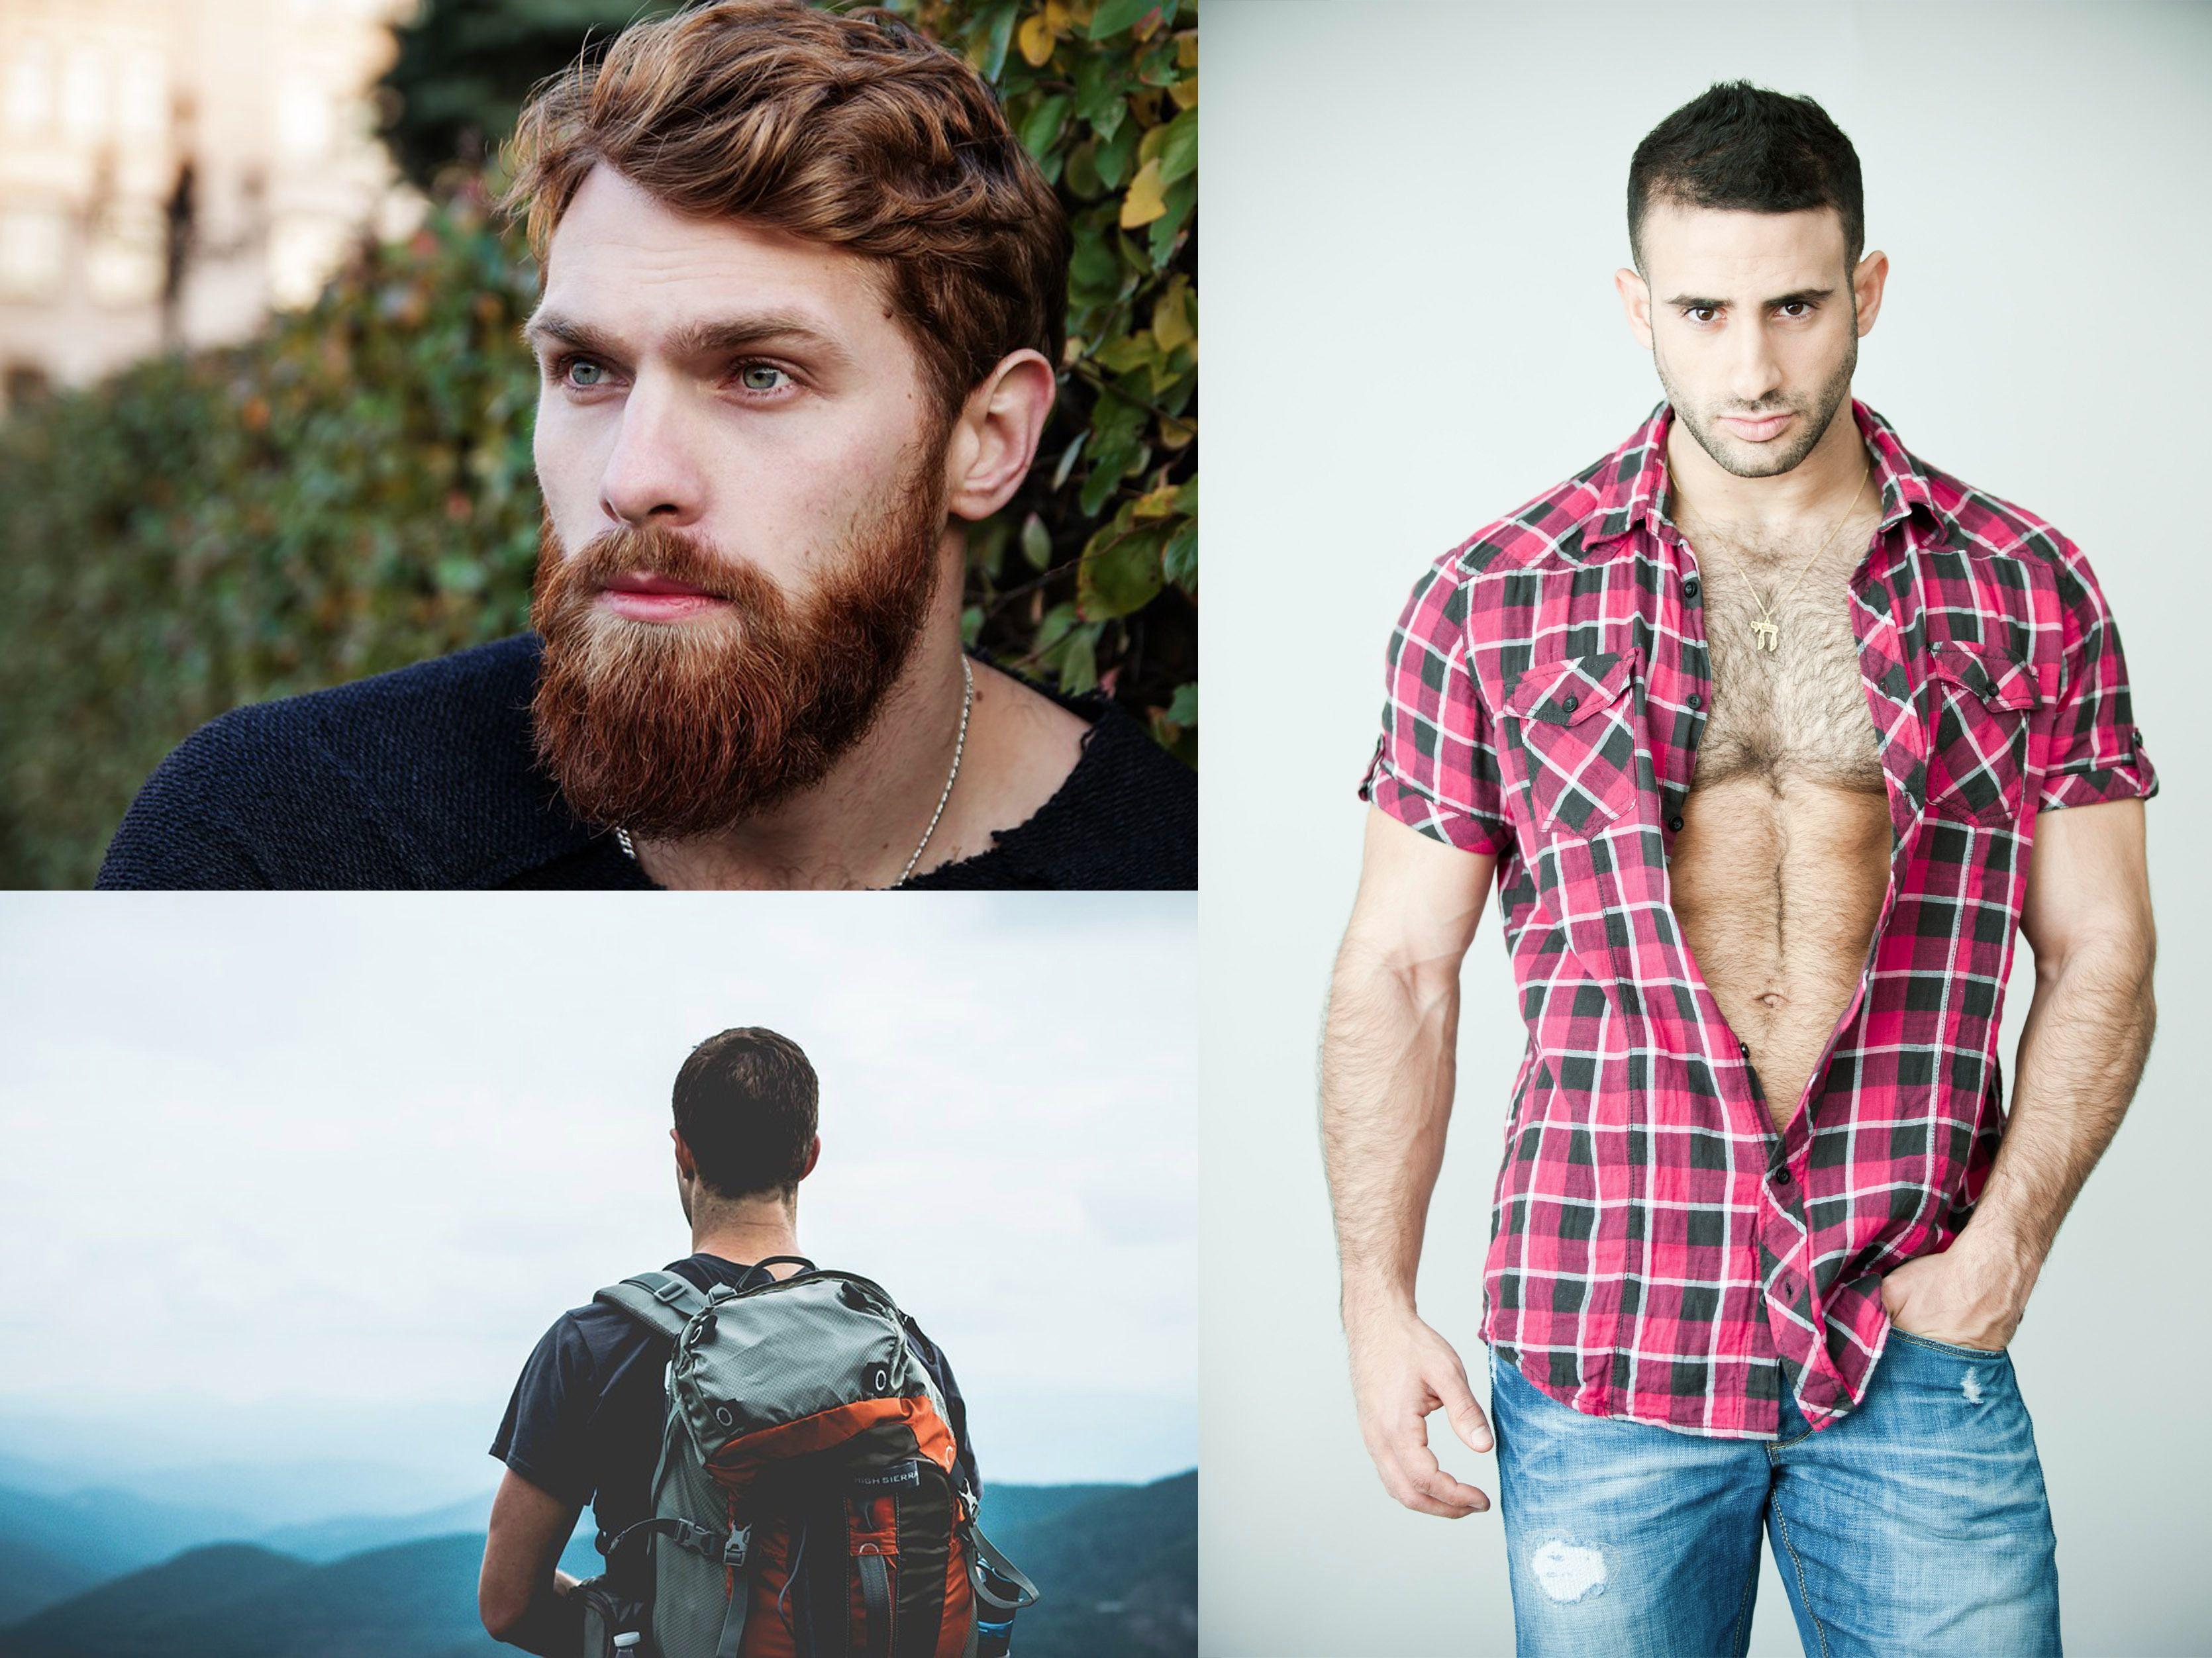 men from israel